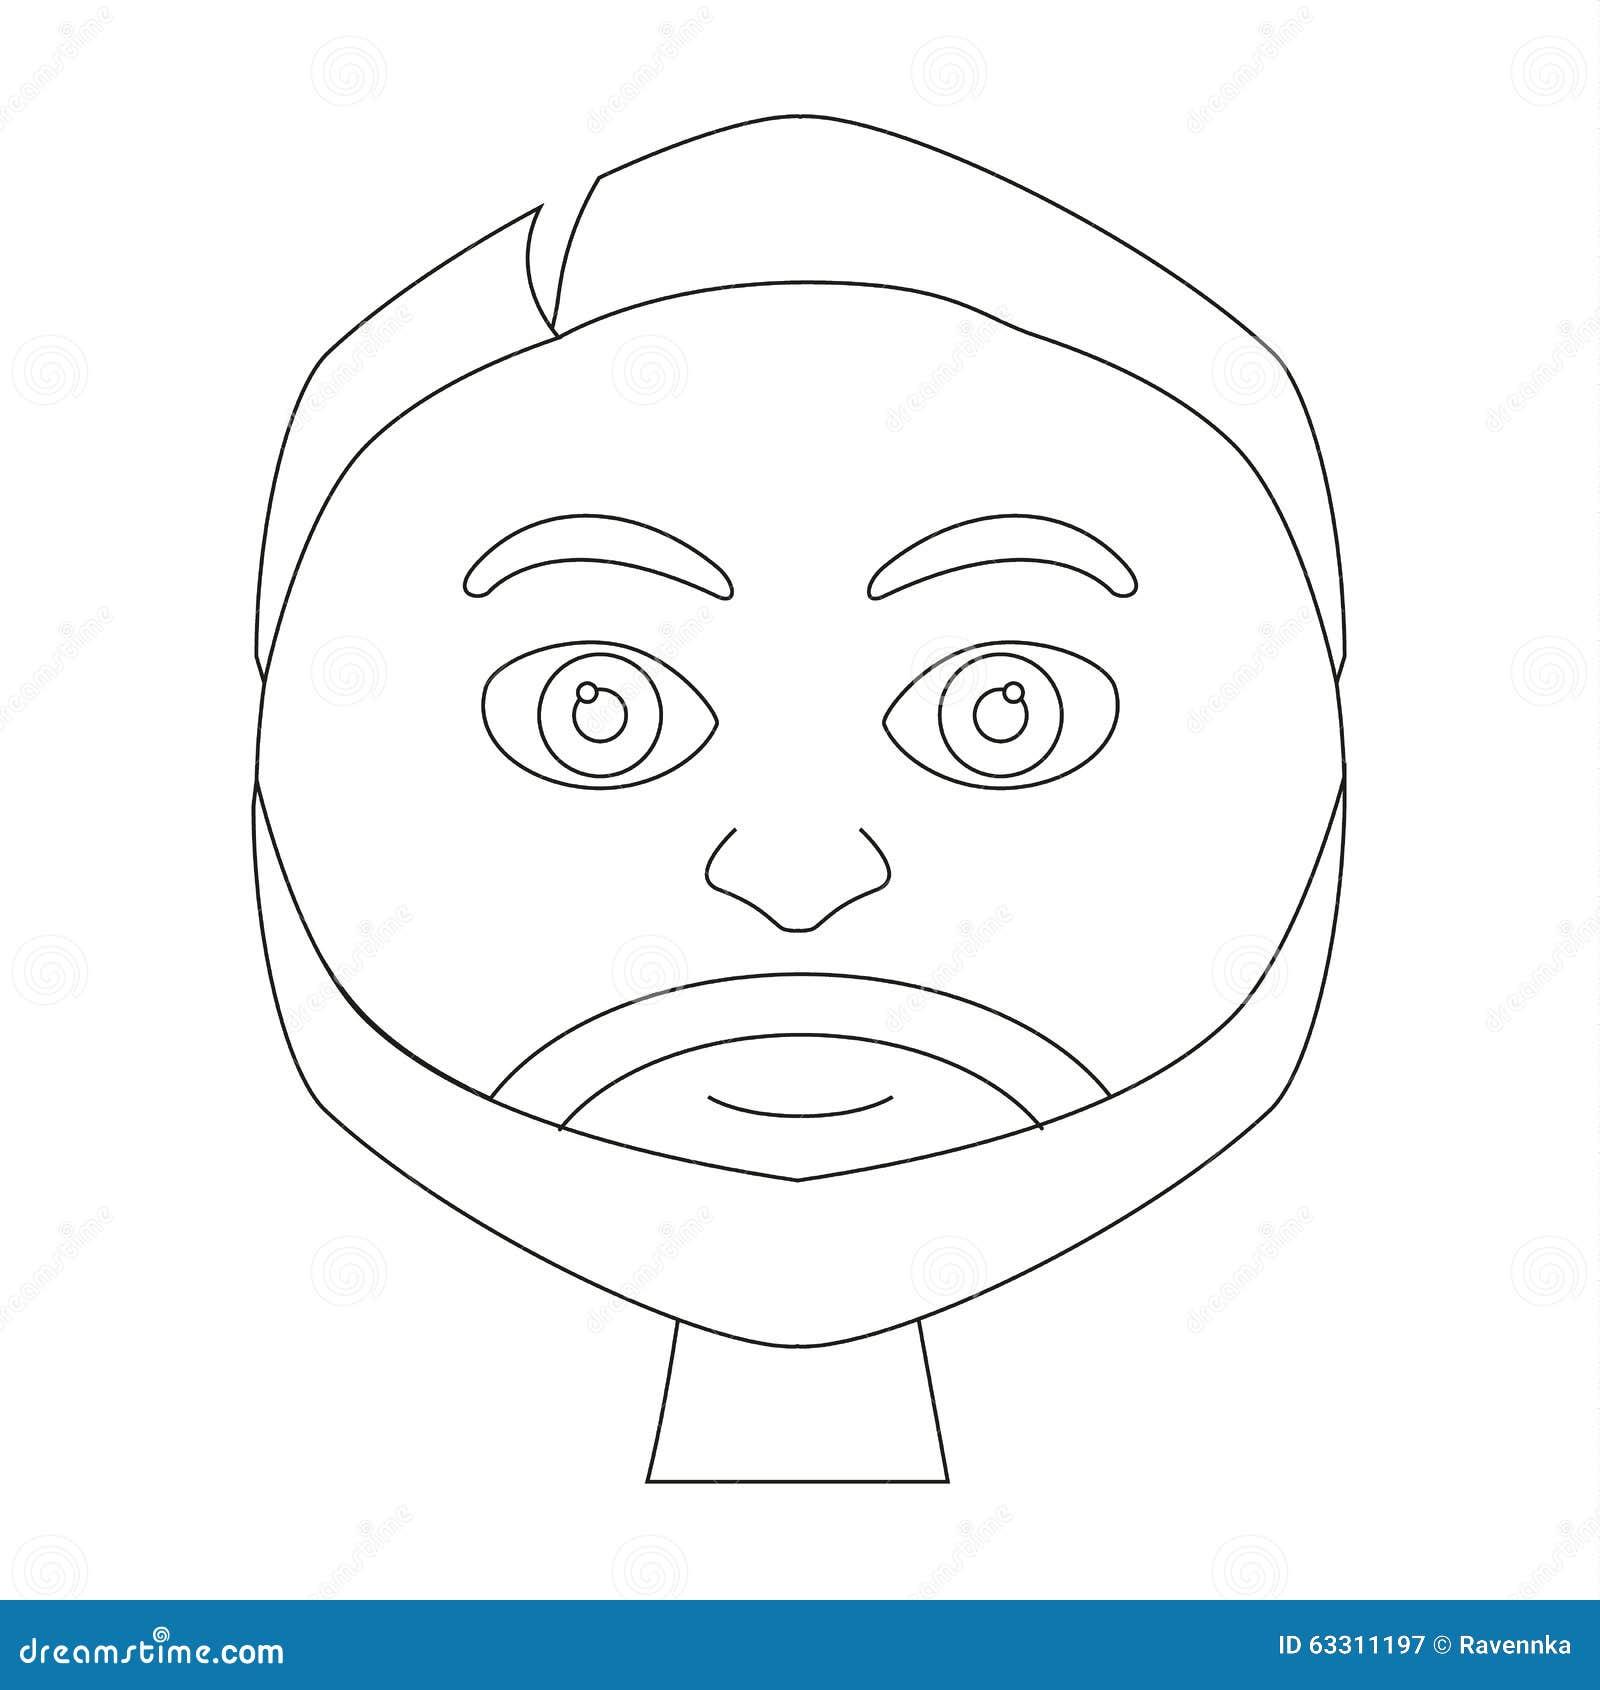 Coloriage Adulte Homme.Livre De Coloriage Page Portrait D Homme Adulte De Sourire